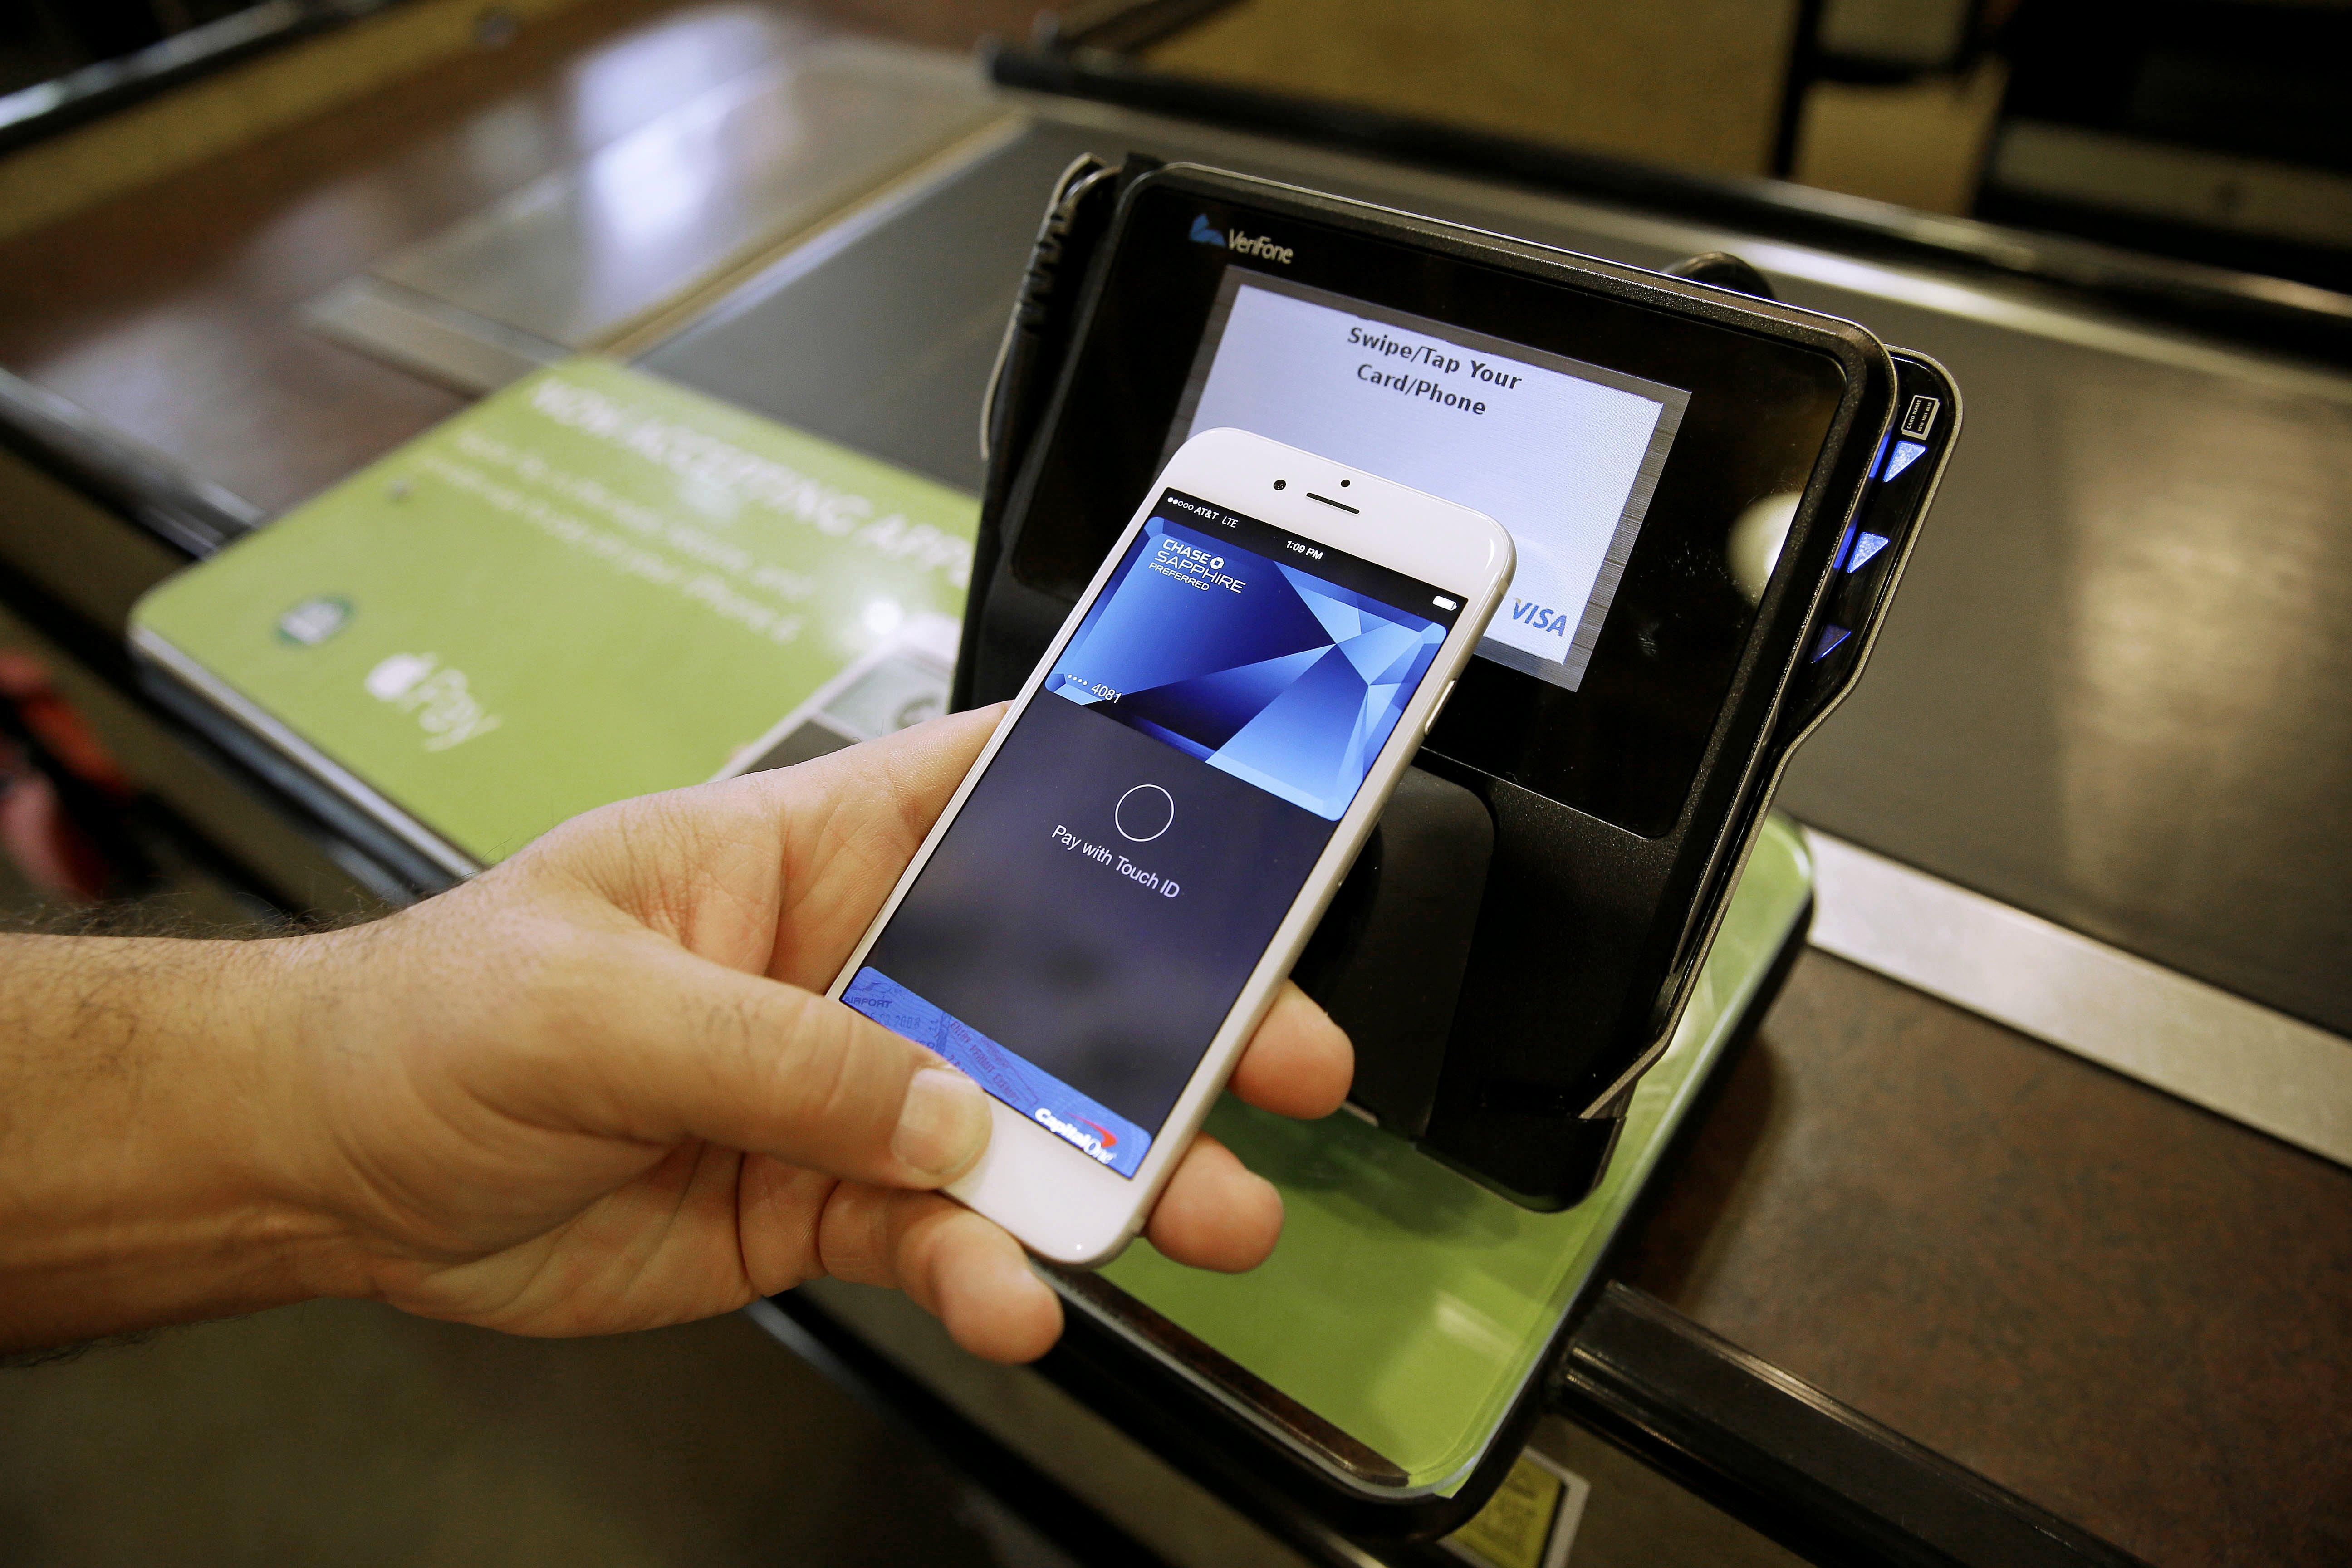 Вокруг пальца: что не так с Apple Pay в России